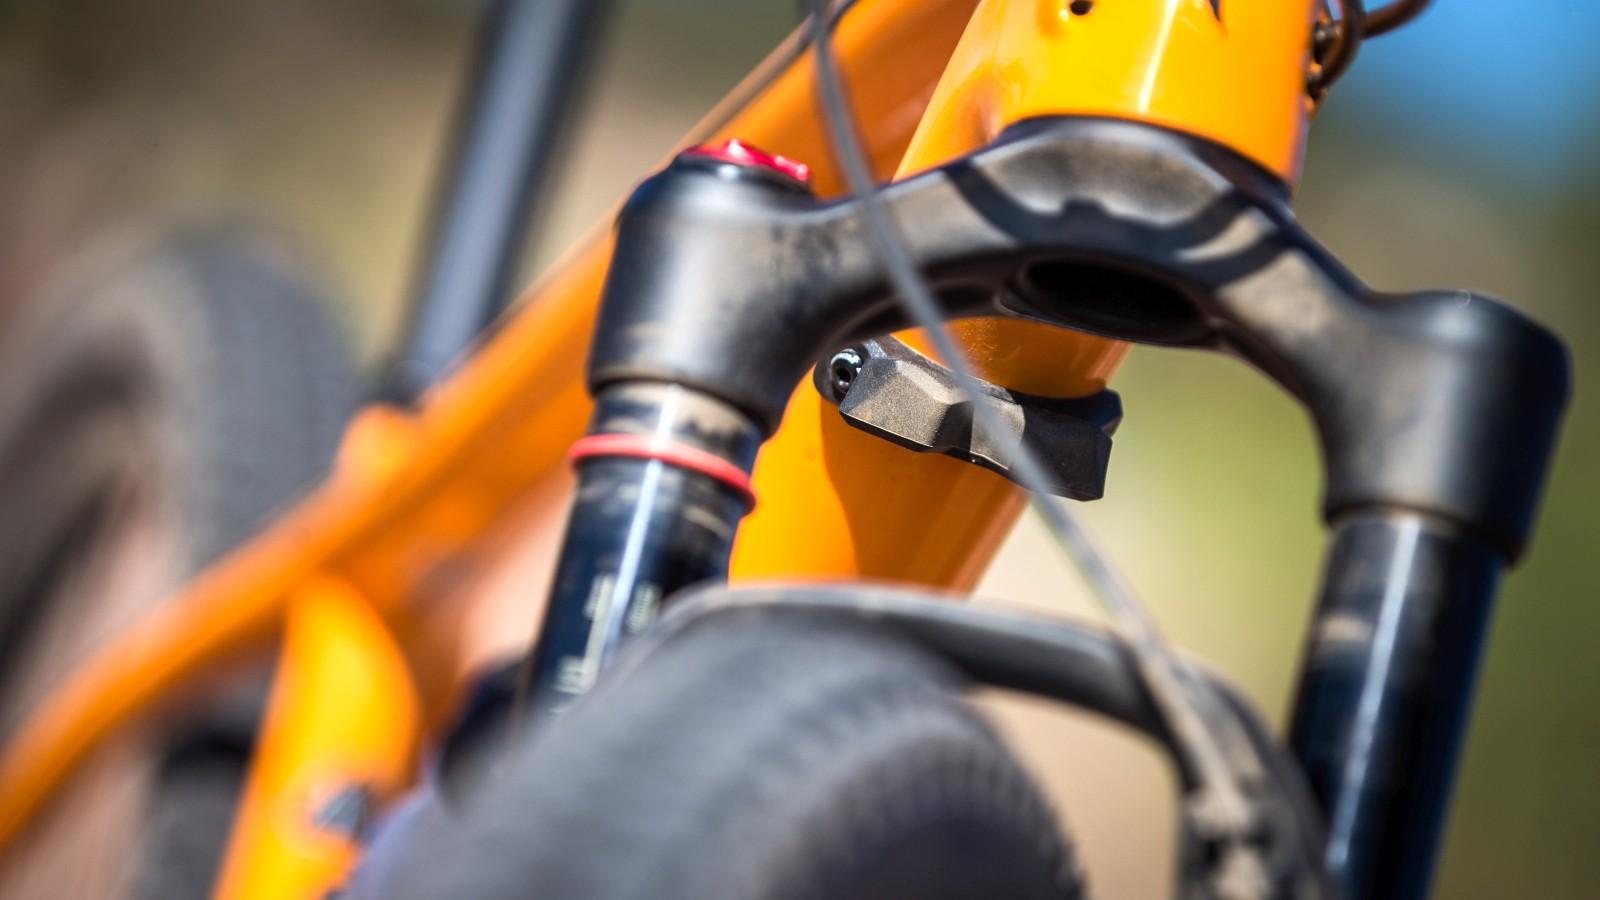 Ein Fork-Bumper schützt den Rahmen.